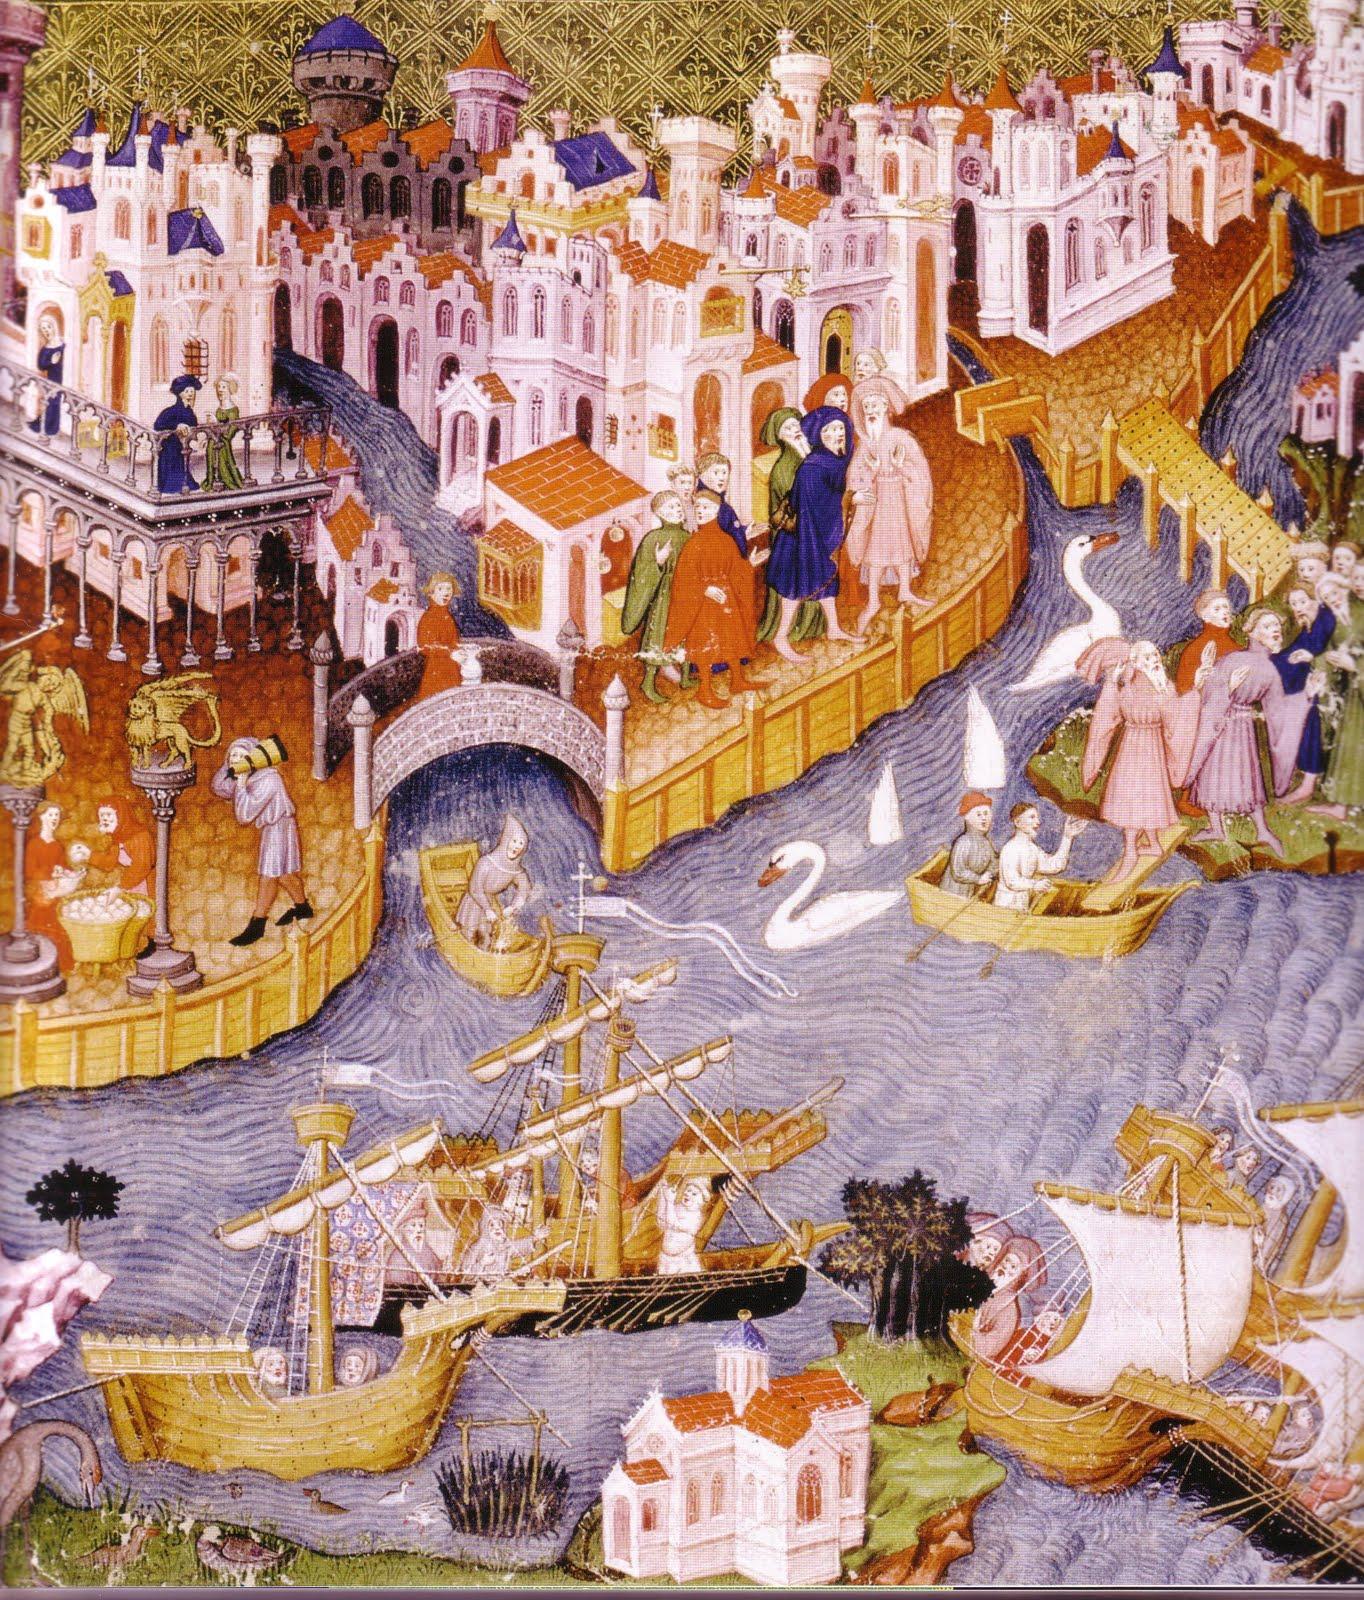 Venise MaveniseMarco Polovenise Venise 1324Suite MaveniseMarco 1254 Polovenise 1324Suite MaveniseMarco 1254 BoCxde